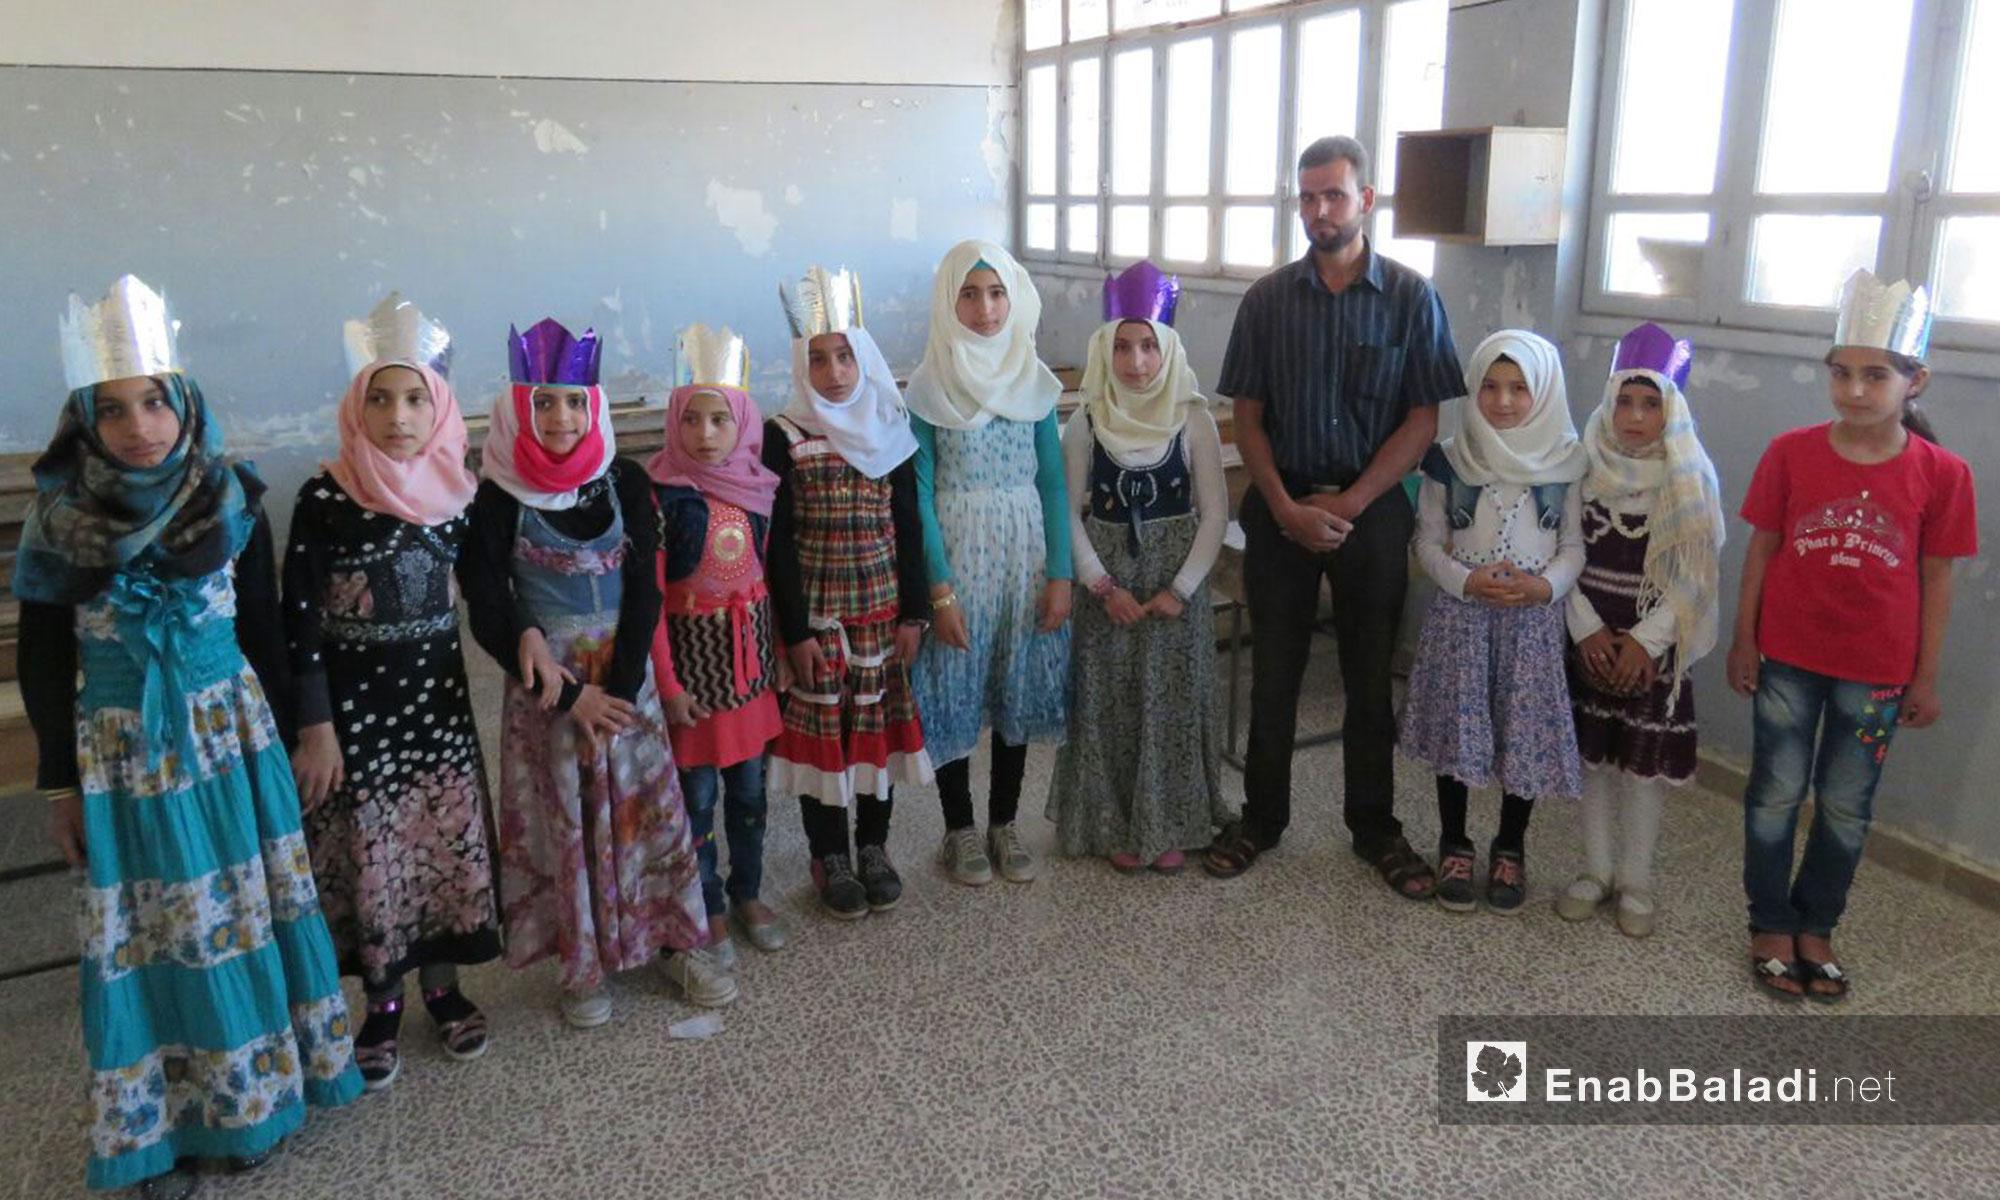 """أقامت مديرية تربية حماة الحرة حفل إفطار في مدرسة """"مجد الشام"""" الخيرية في 7 حزيران 2017 (عنب بلدي)"""